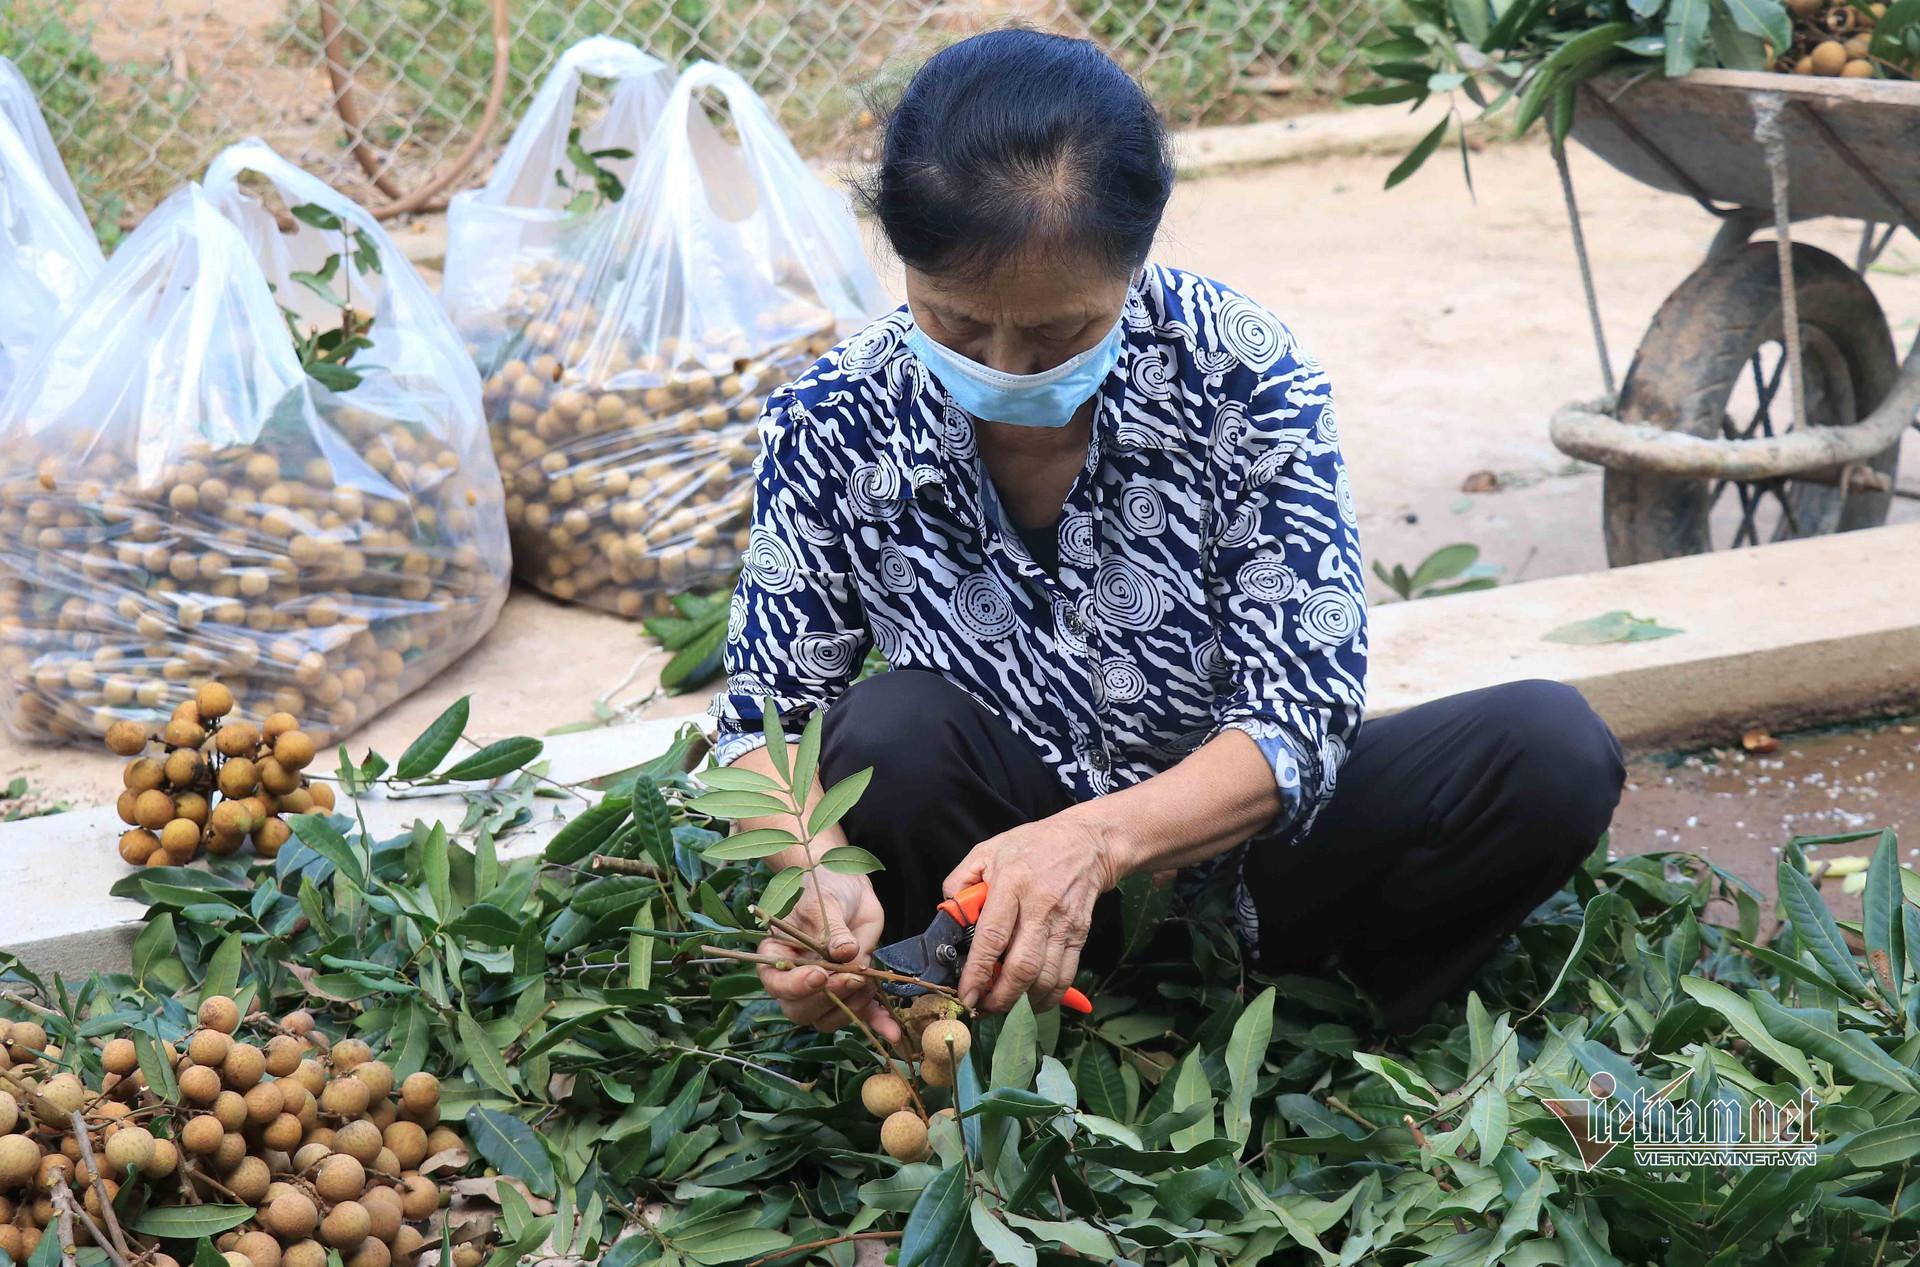 Đặc sản nhãn Hưng Yên mất mùa, giá rẻ hơn rau - 2